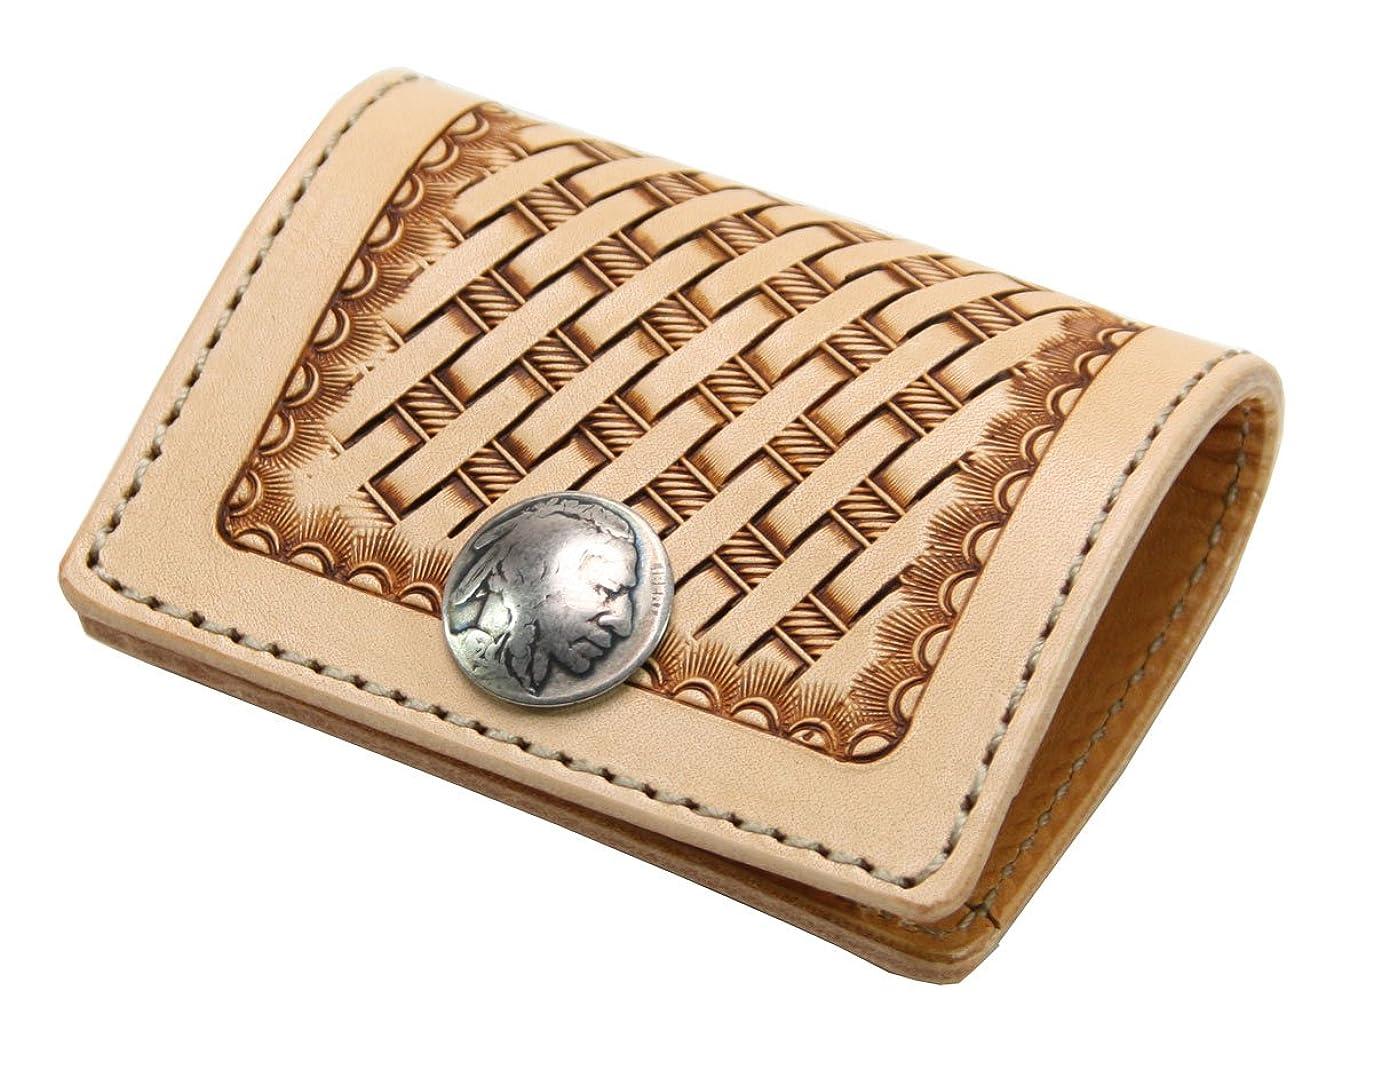 農業東作曲家KC , s Leather Craft Coin Purse 3番バスケットカラータンハンドメイドの日本